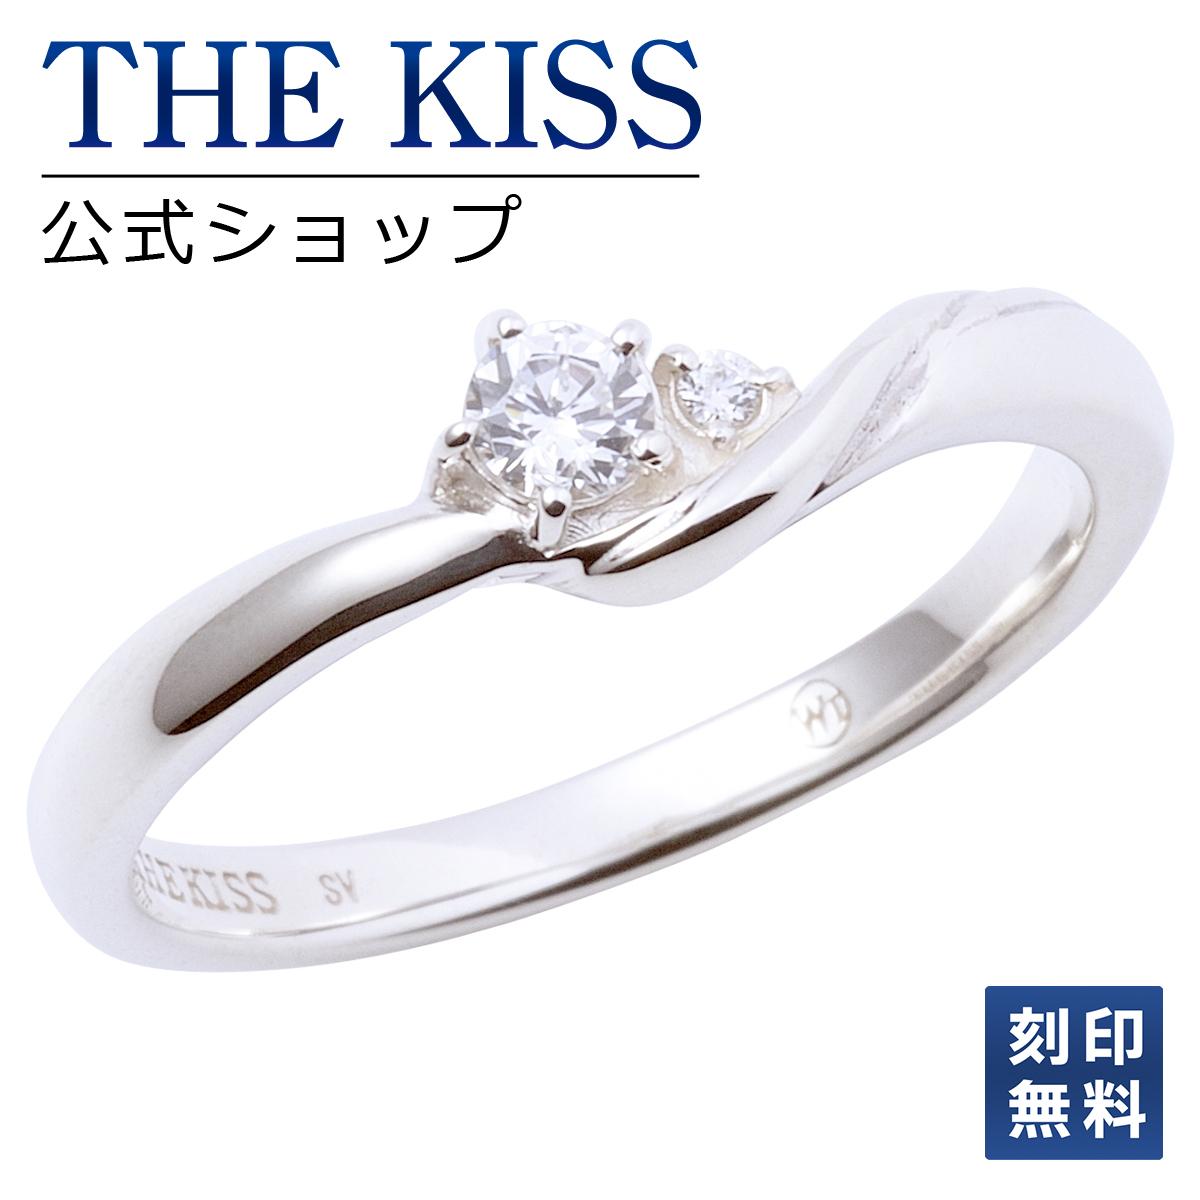 【刻印可_3文字】【あす楽対応】THE KISS 公式サイト シルバー ペアリング ( レディース 単品 ) ペアアクセサリー カップル に 人気 の ジュエリーブランド THEKISS ペア リング・指輪 記念日 プレゼント SR1557WUAS ザキス 【送料無料】